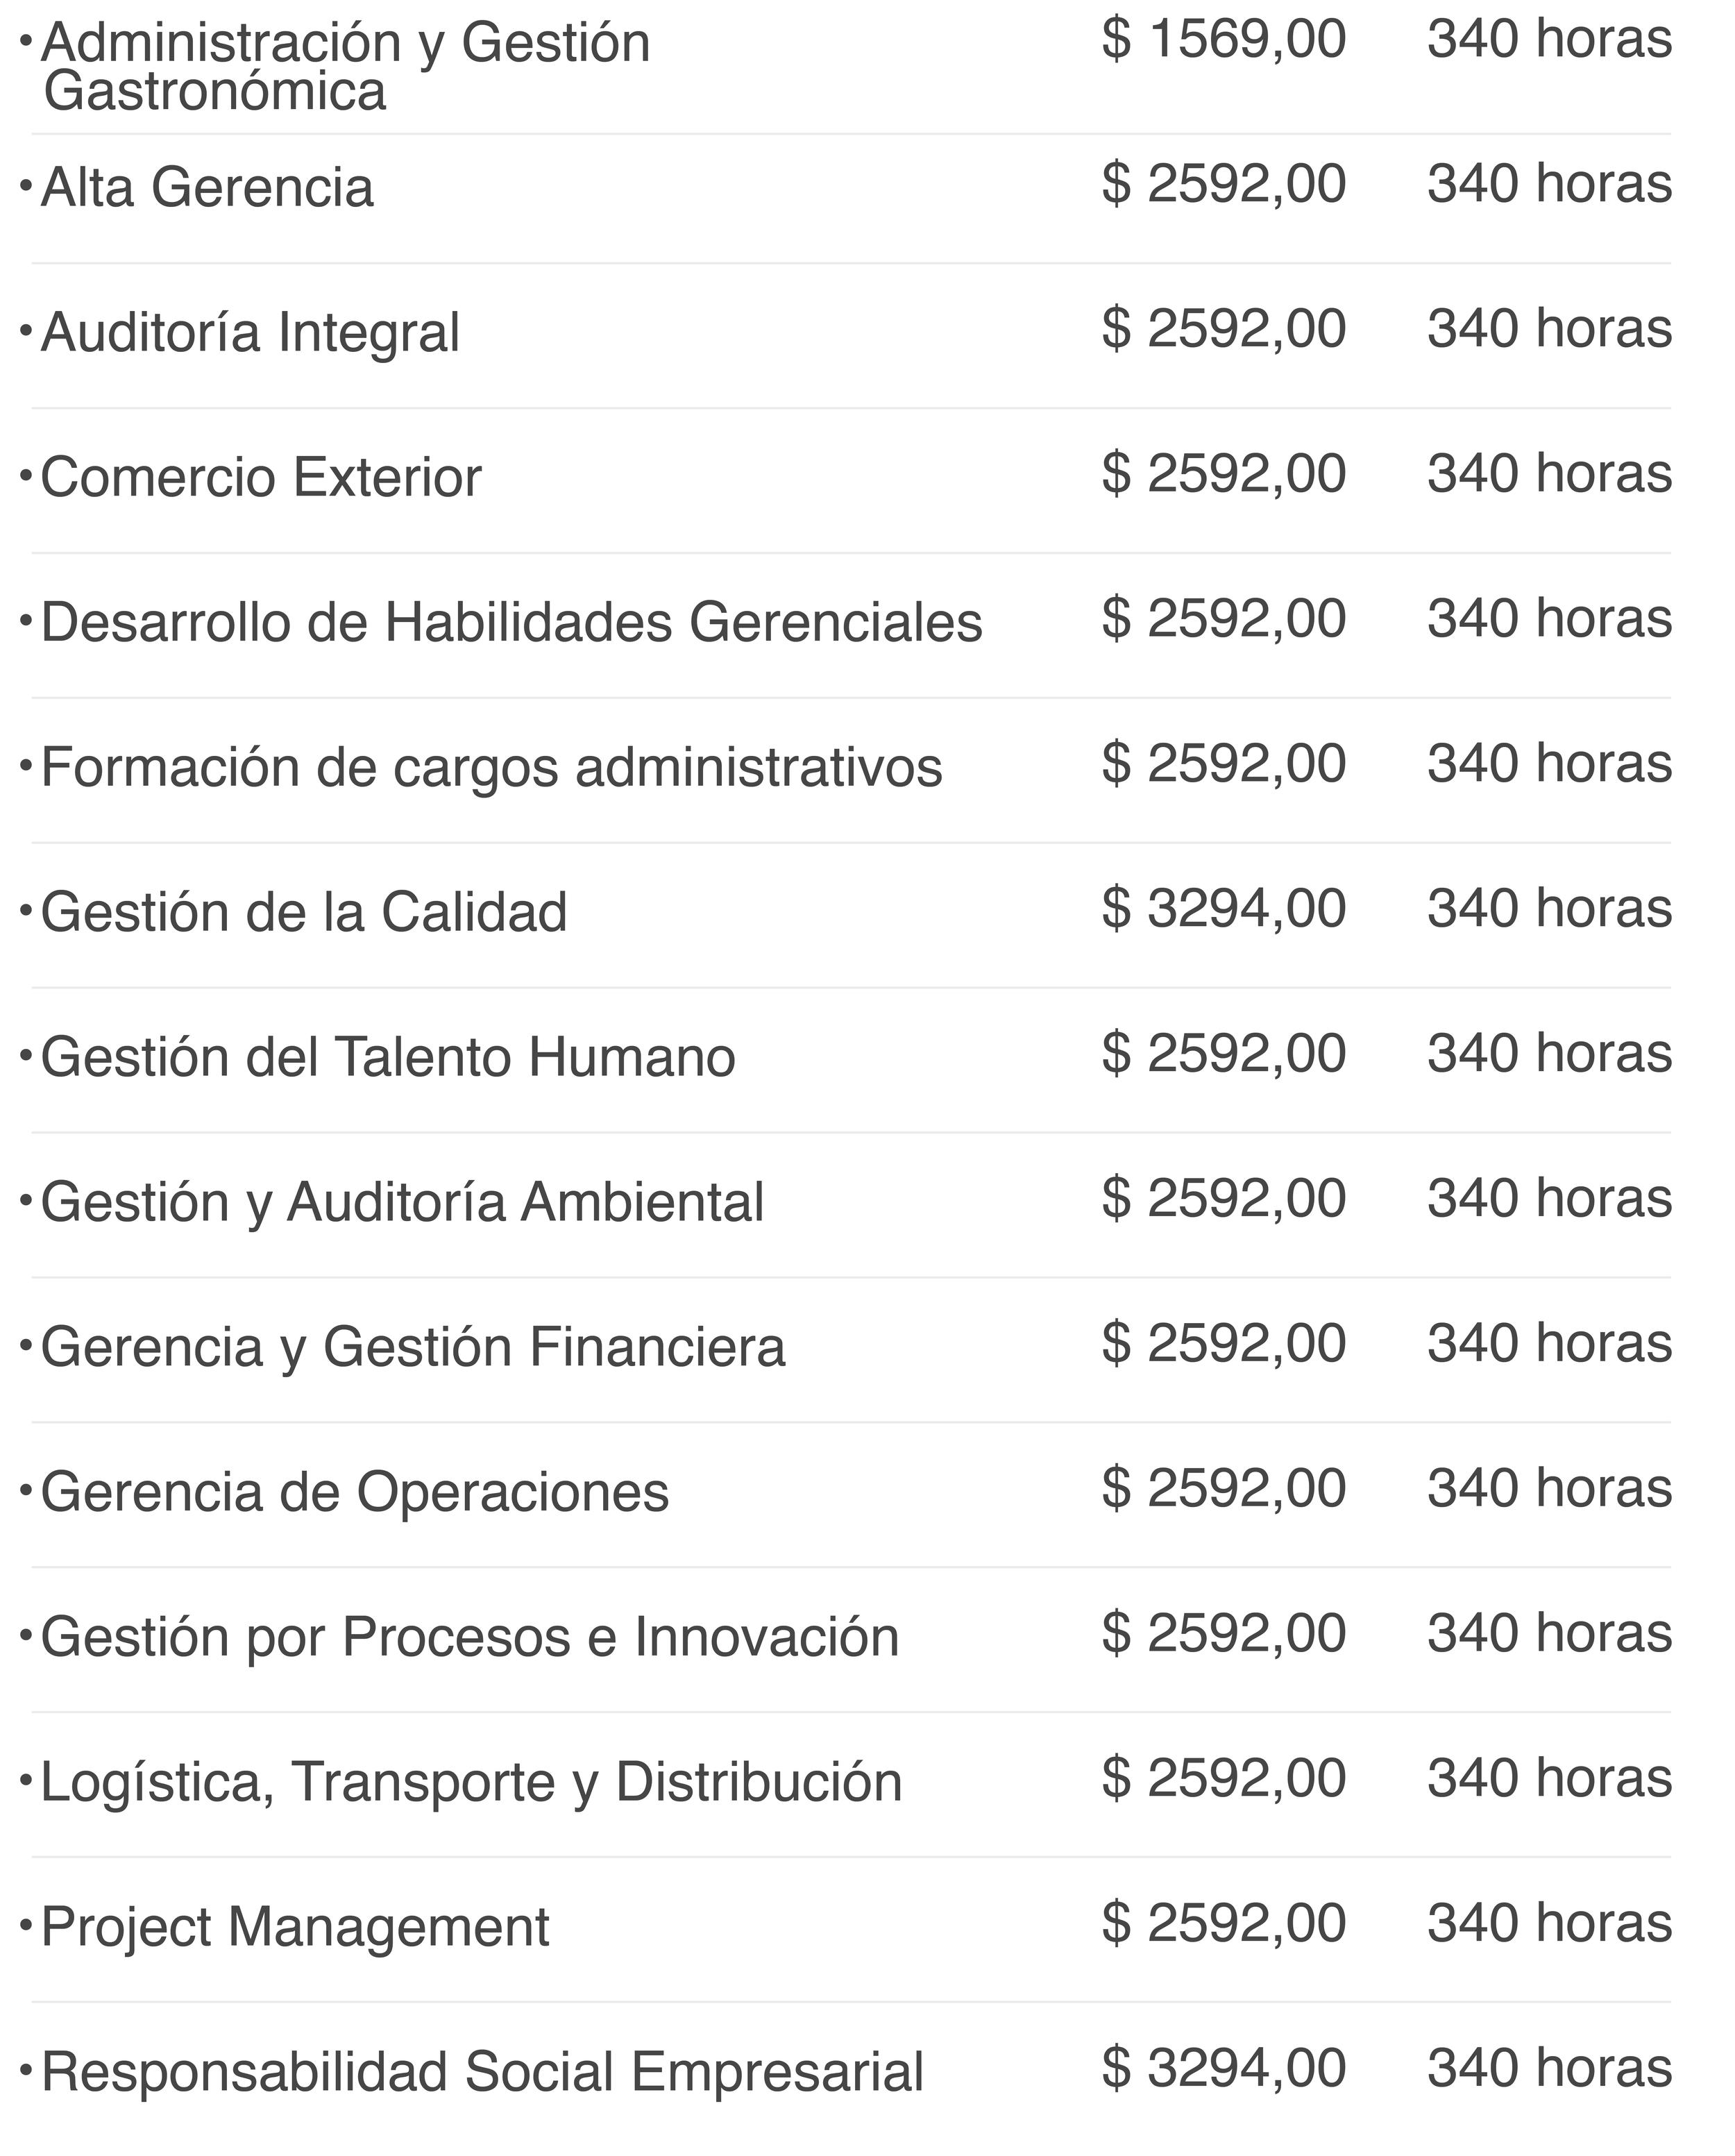 administración_gerencia_b-02.png